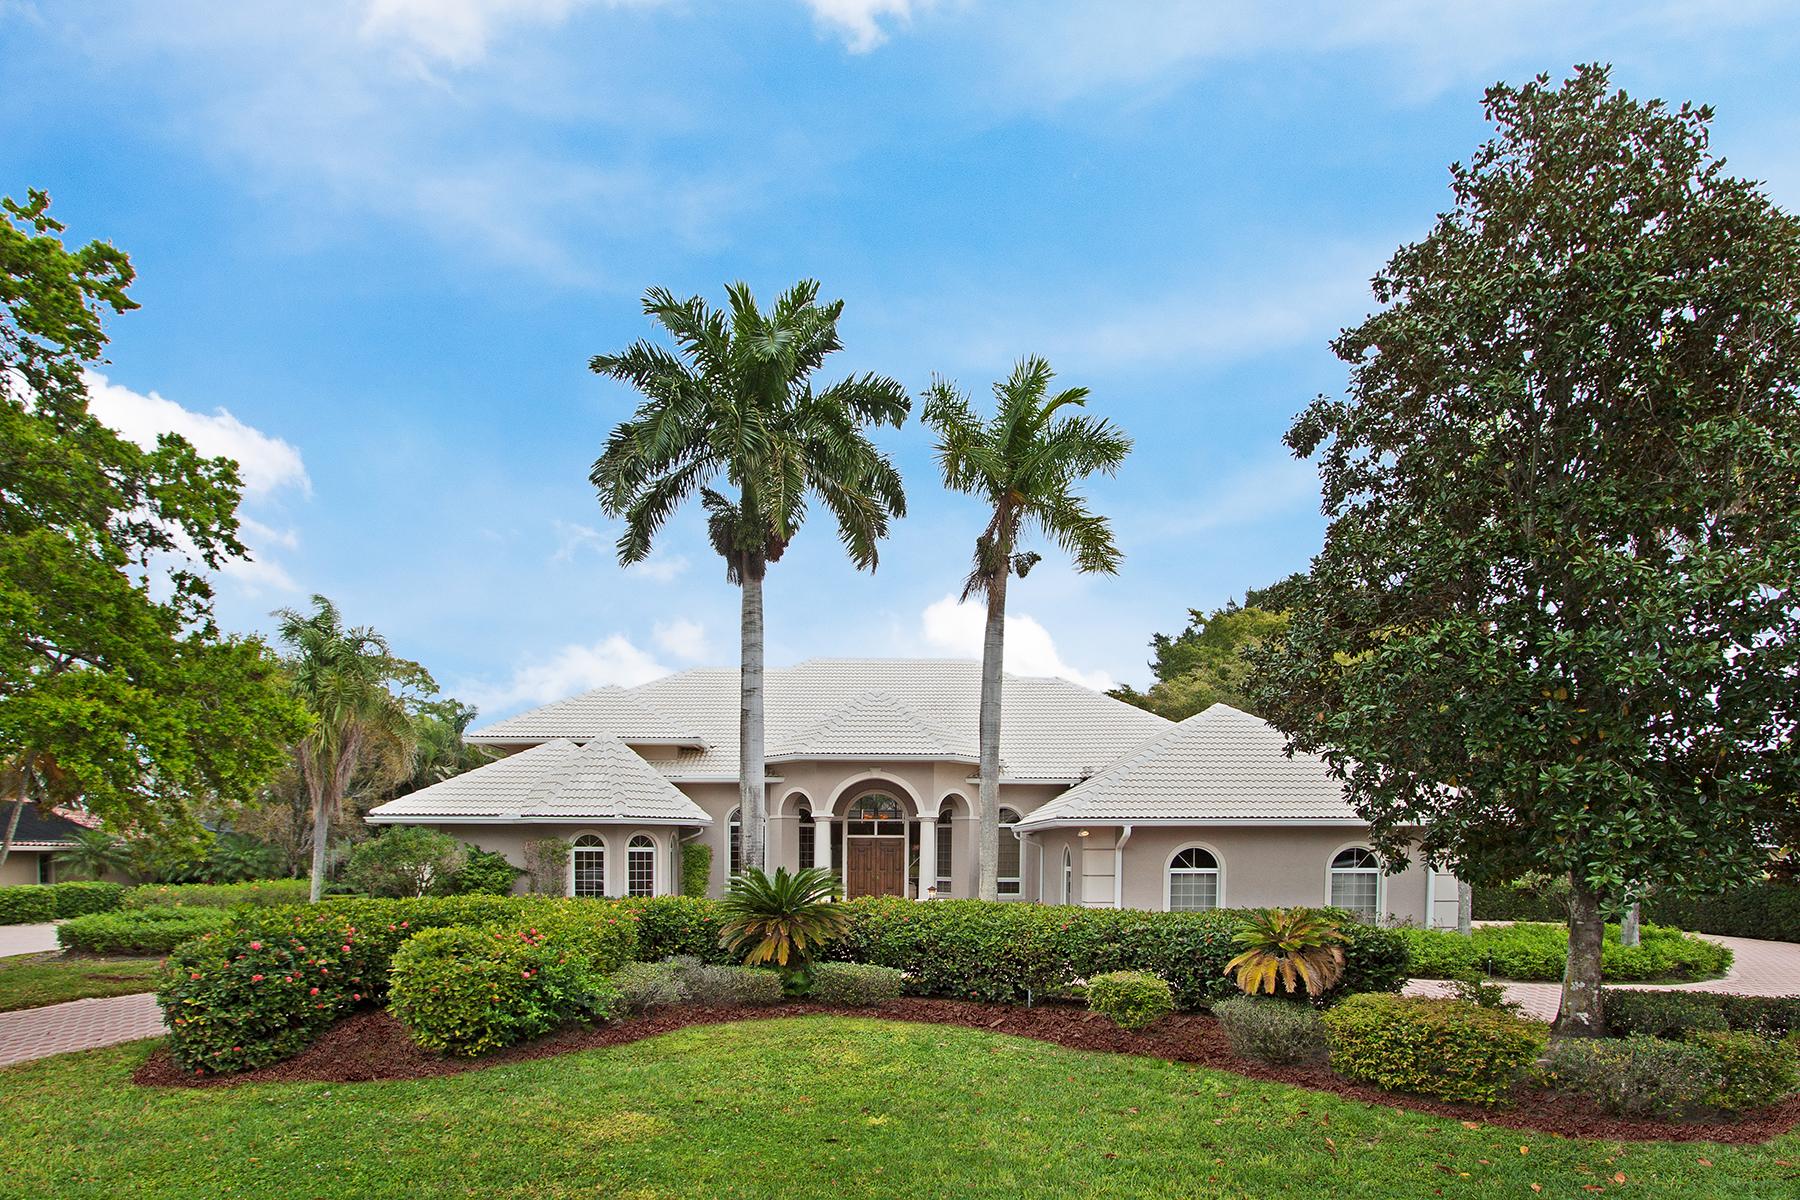 Частный односемейный дом для того Продажа на QUAIL CREEK 12924 Bald Cypress Ln Quail Creek, Naples, Флорида, 34119 Соединенные Штаты